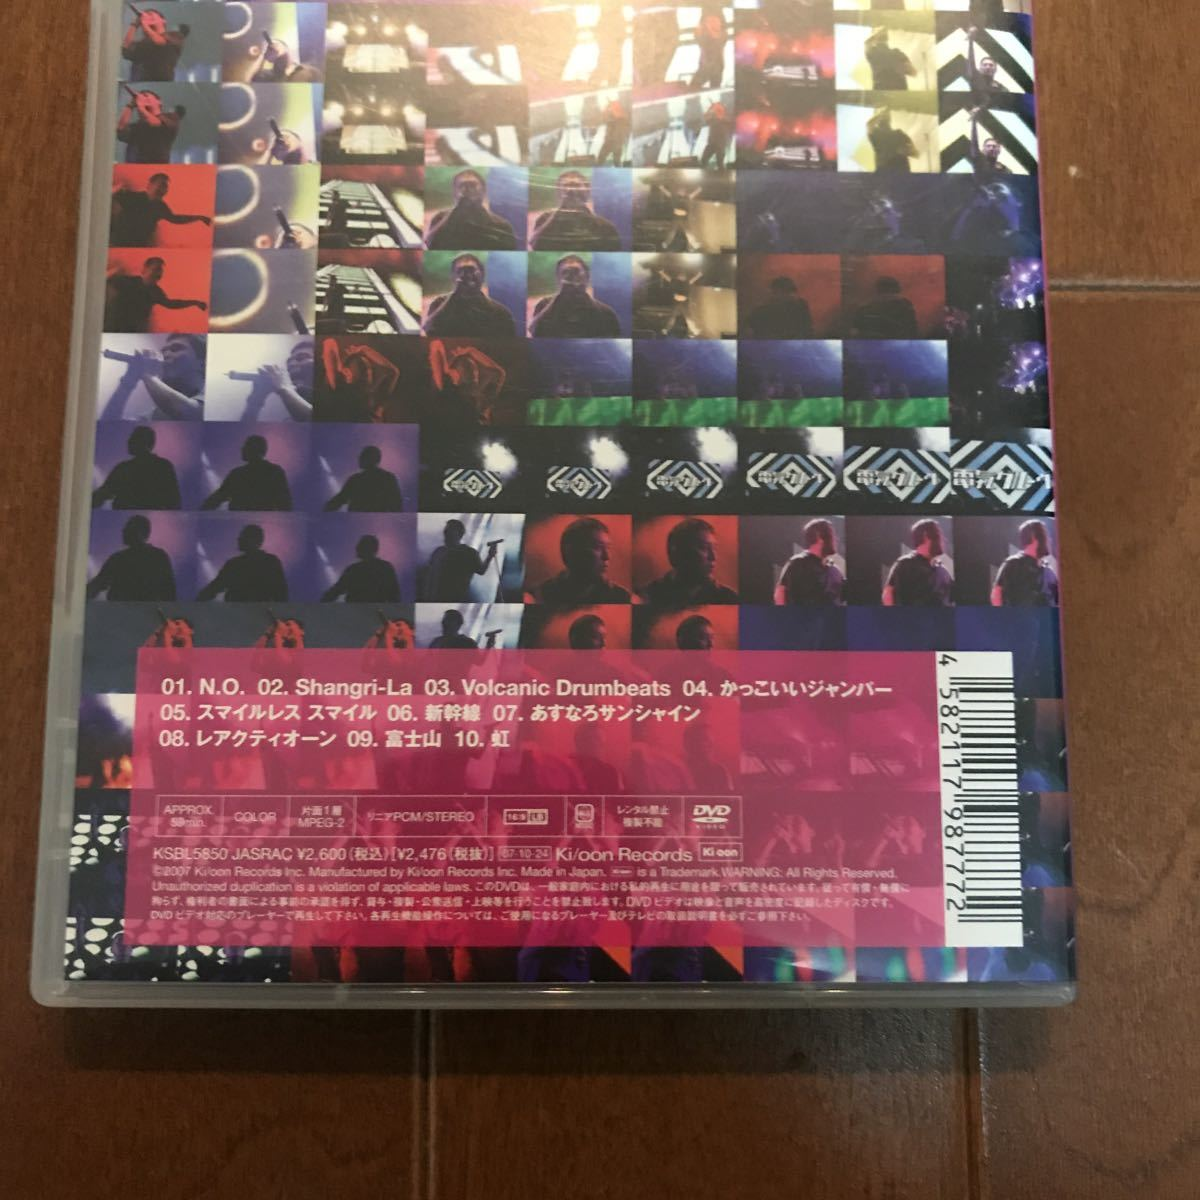 電気グルーヴ DVD 「DENKI GROOVE Live at FUJI ROCK FESTIVAL '06」 「ニセンヨンサマー」「comic牙DELUXE」石野卓球 ピエール瀧 セット_画像3